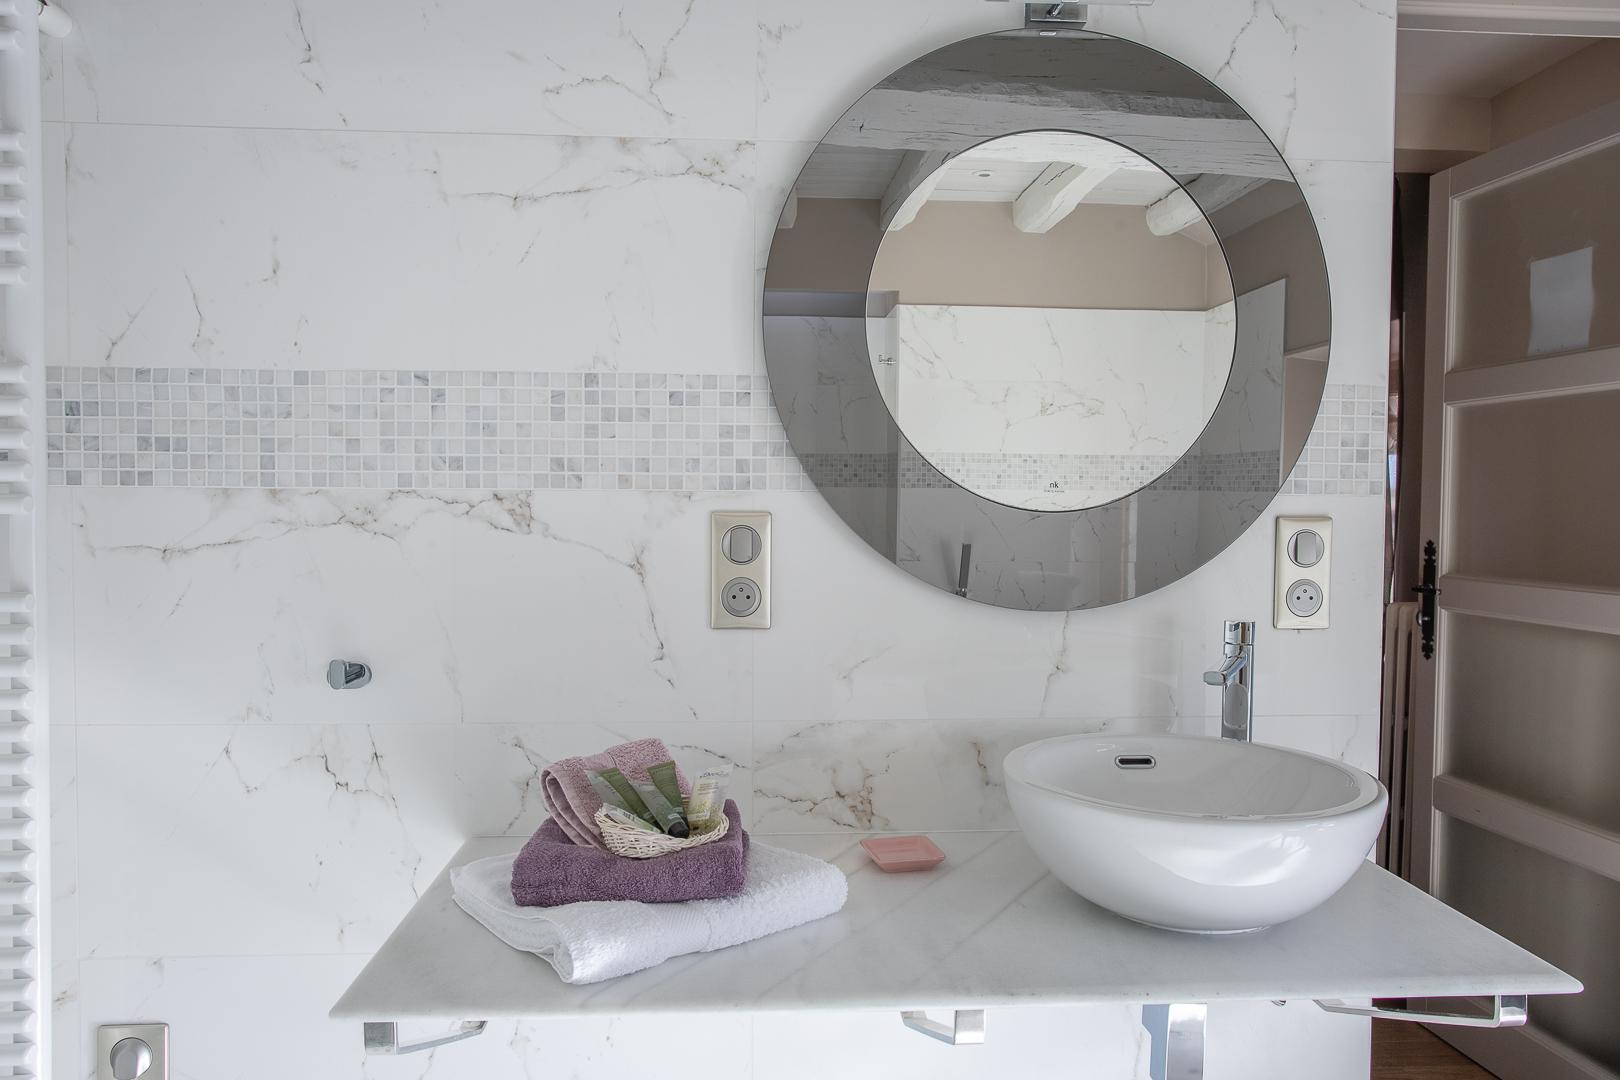 Chambre Chablis, détail du lavabo